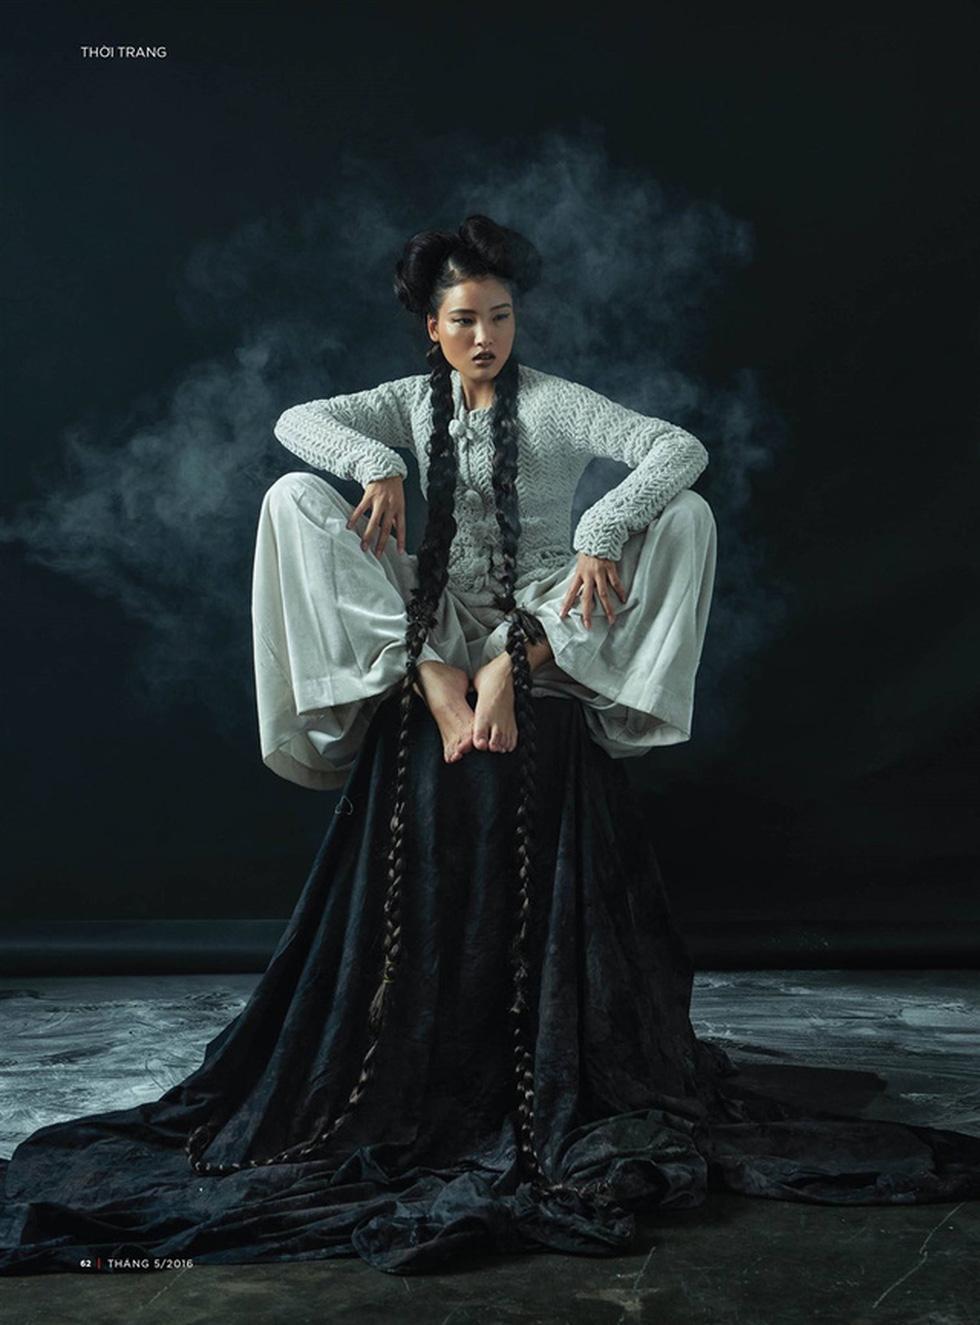 Nhà thiết kế Nguyễn Công Trí: Tôi tìm thấy bình an trong  chính mình - Ảnh 19.